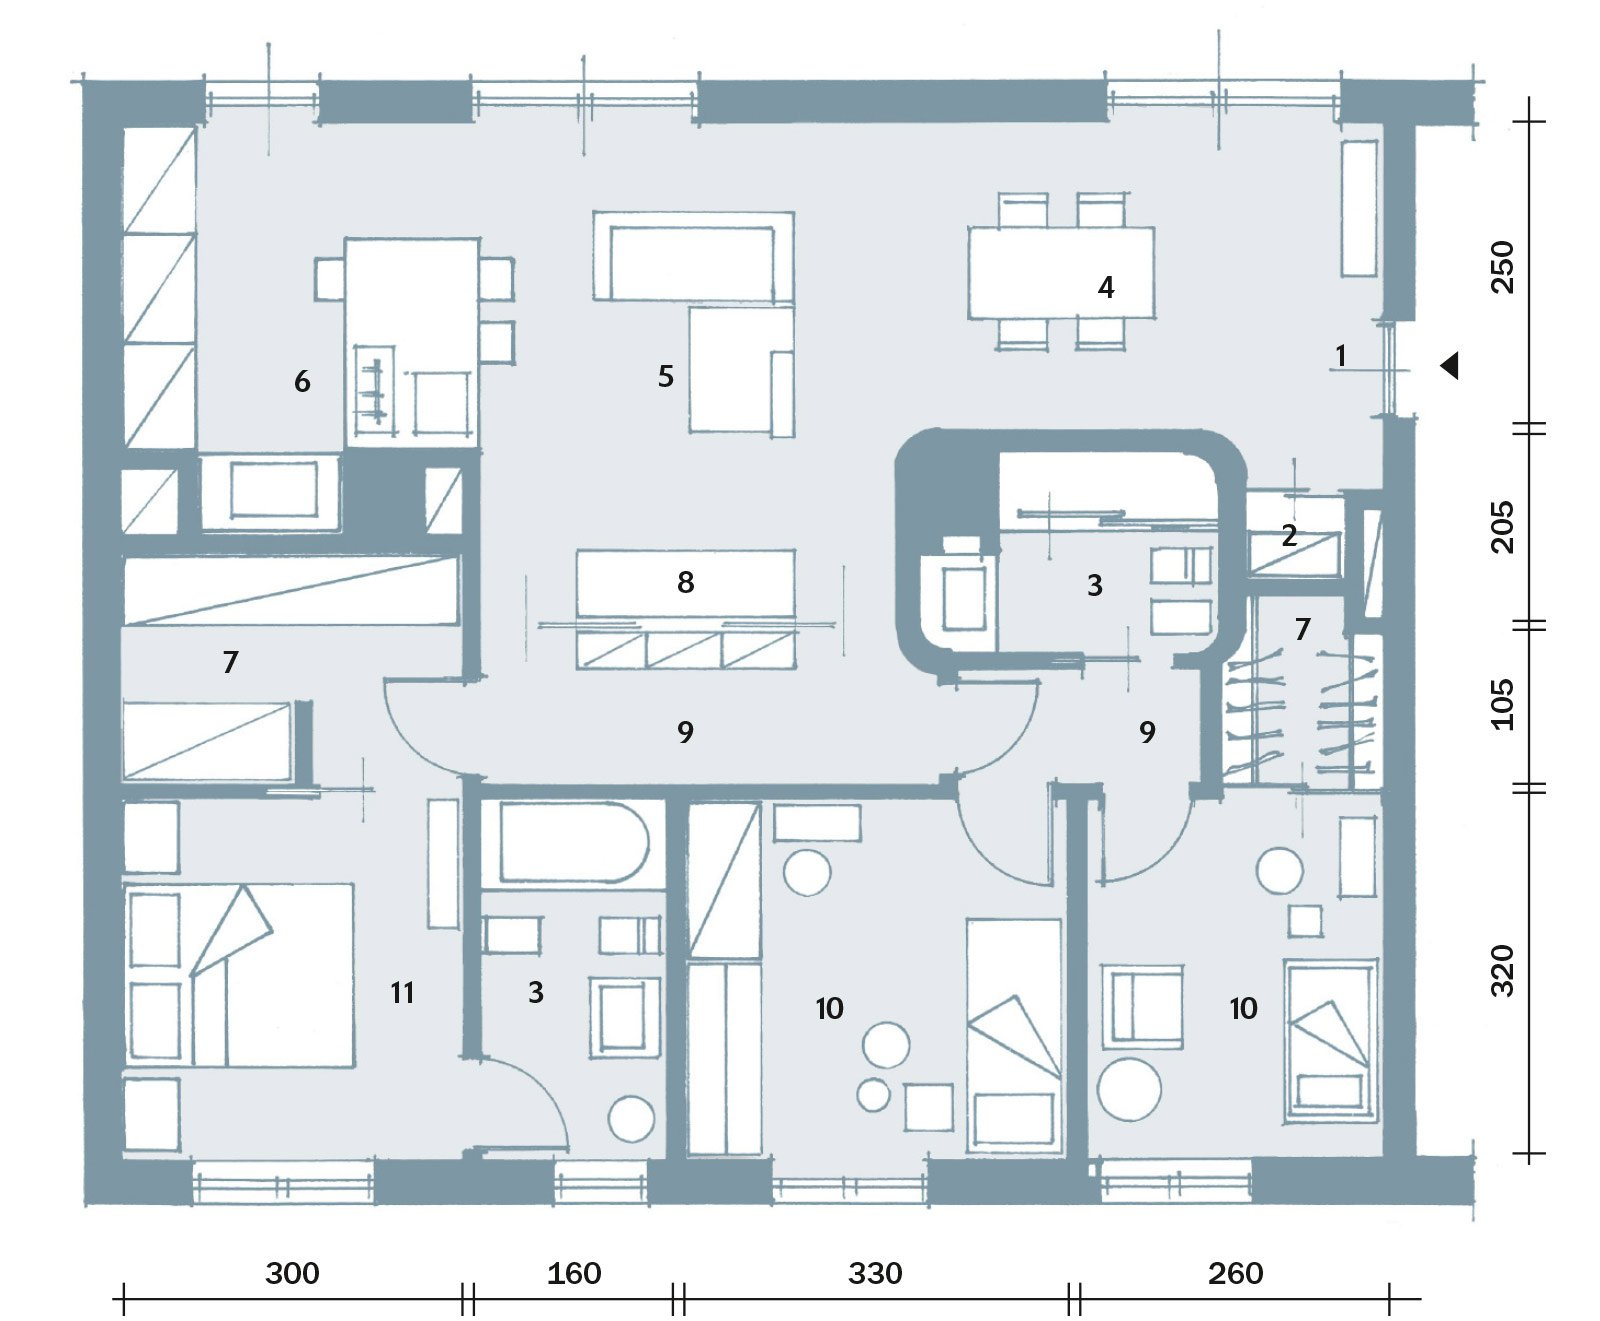 Suddivisioni ottimizzate per la casa di meno di 100 mq for Moderni disegni di case a due piani